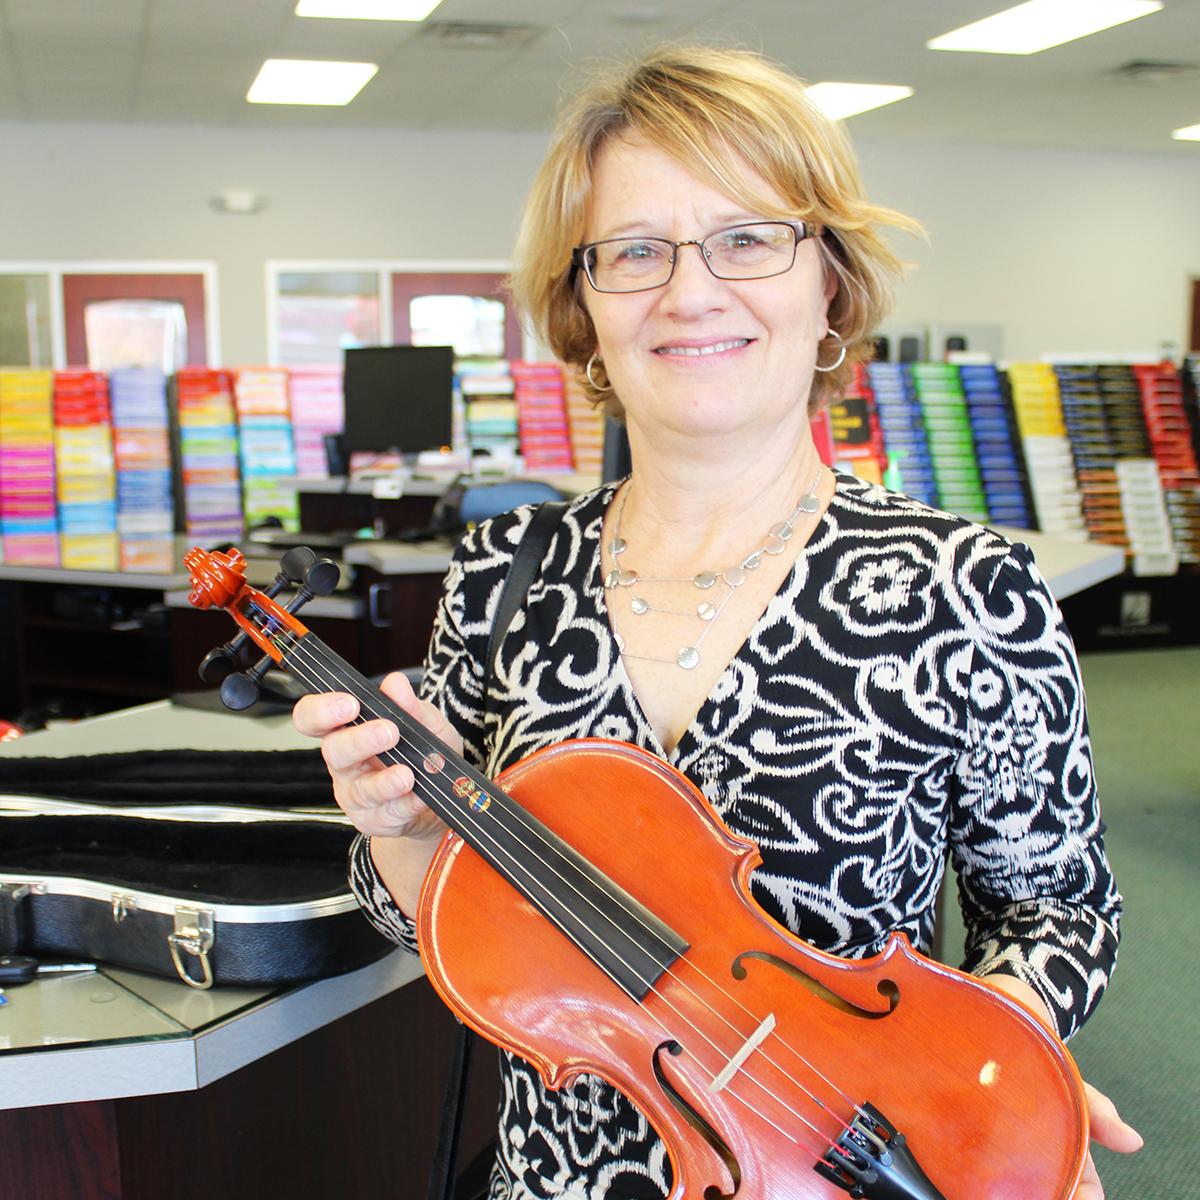 Nancy-violin-11-15-17_web2